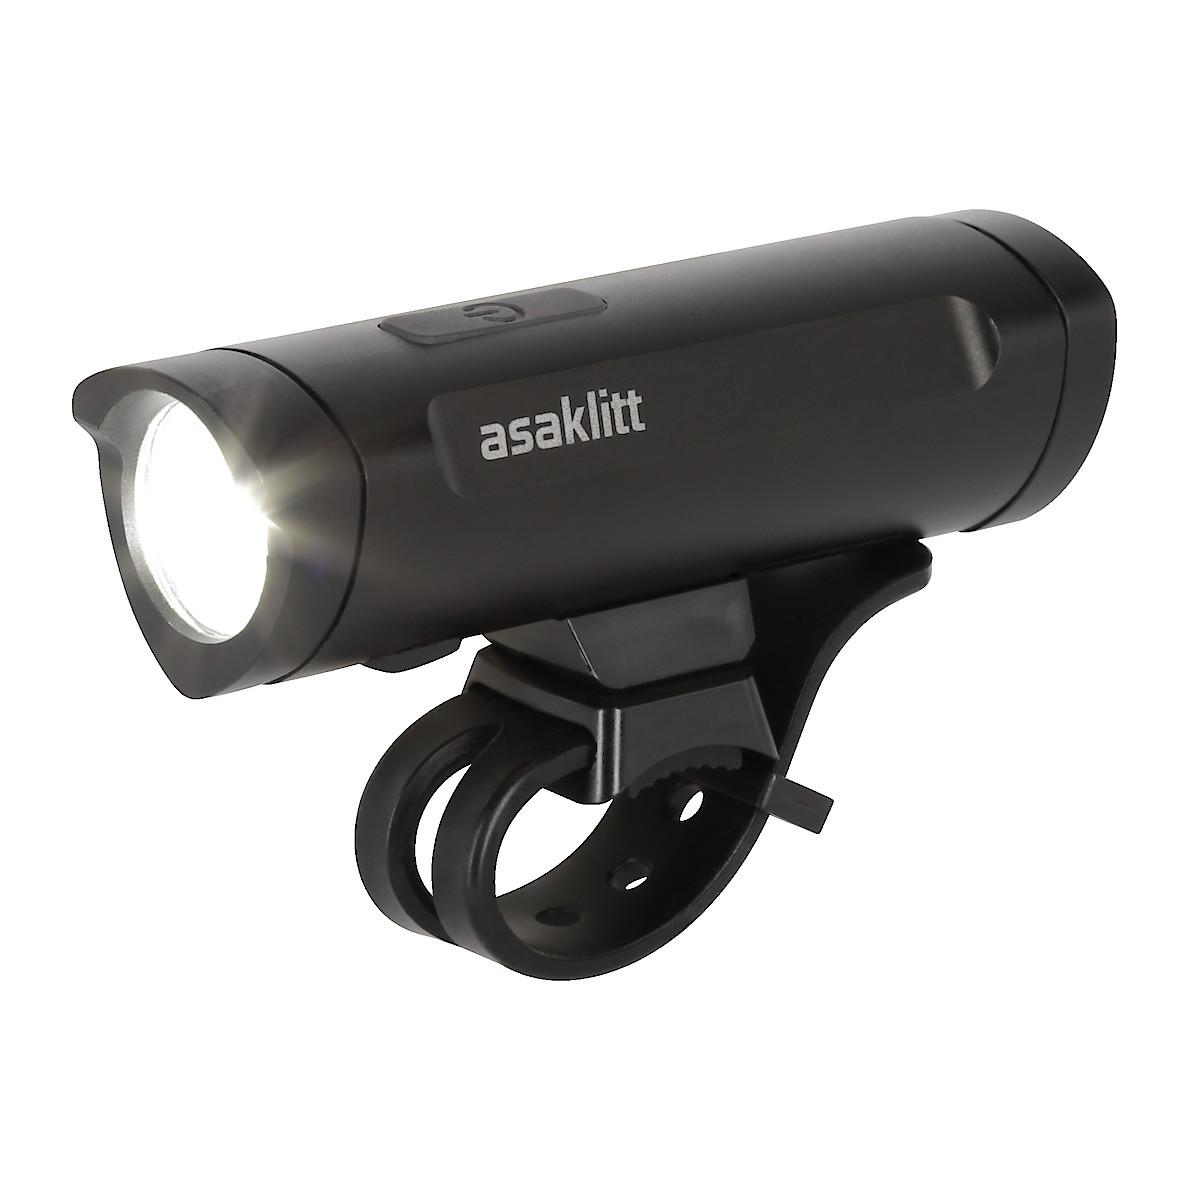 Cykelbelysning fram LED 700 lm Asaklitt